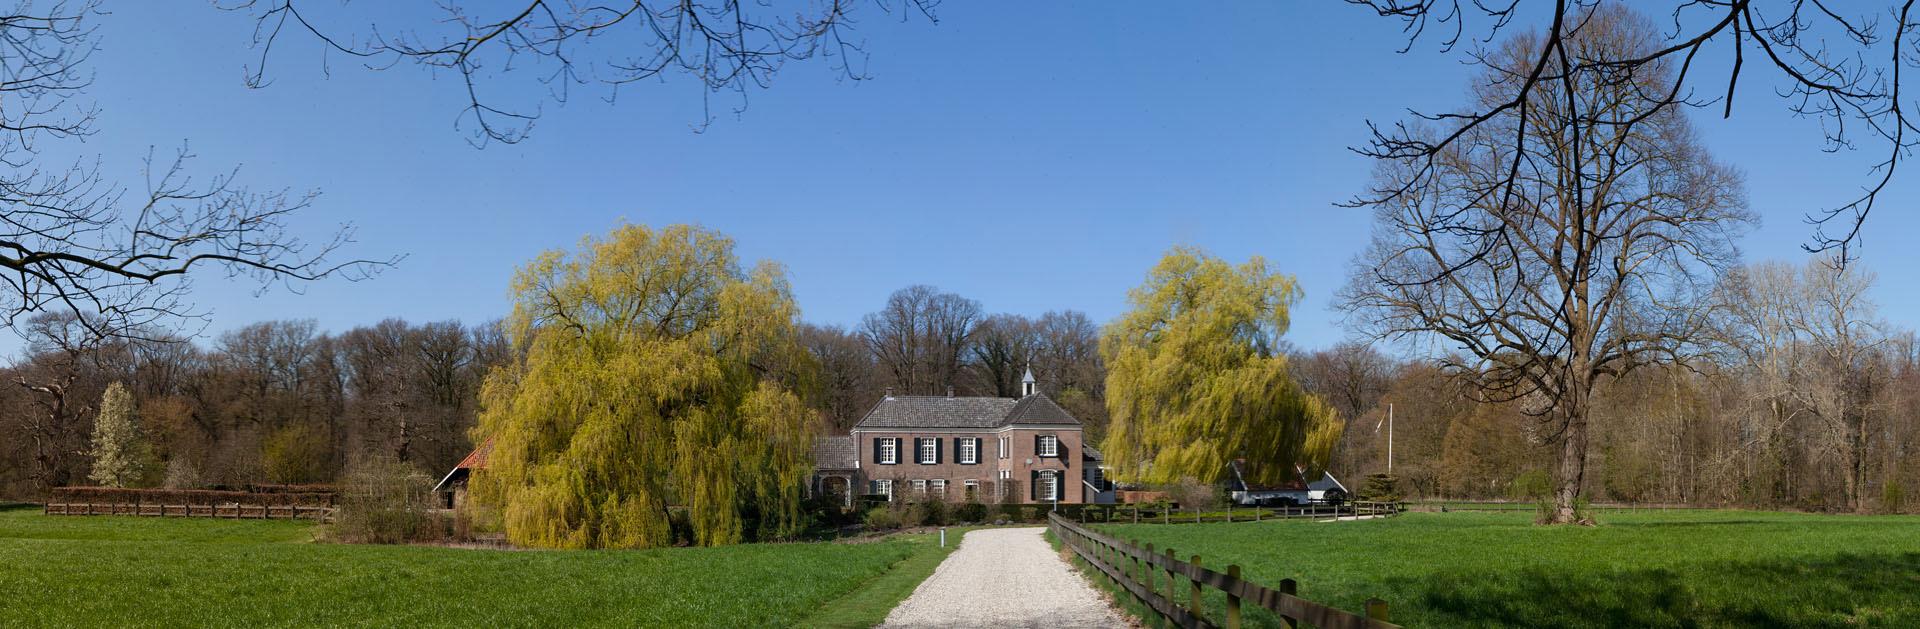 Huize de Byvanck - Beek